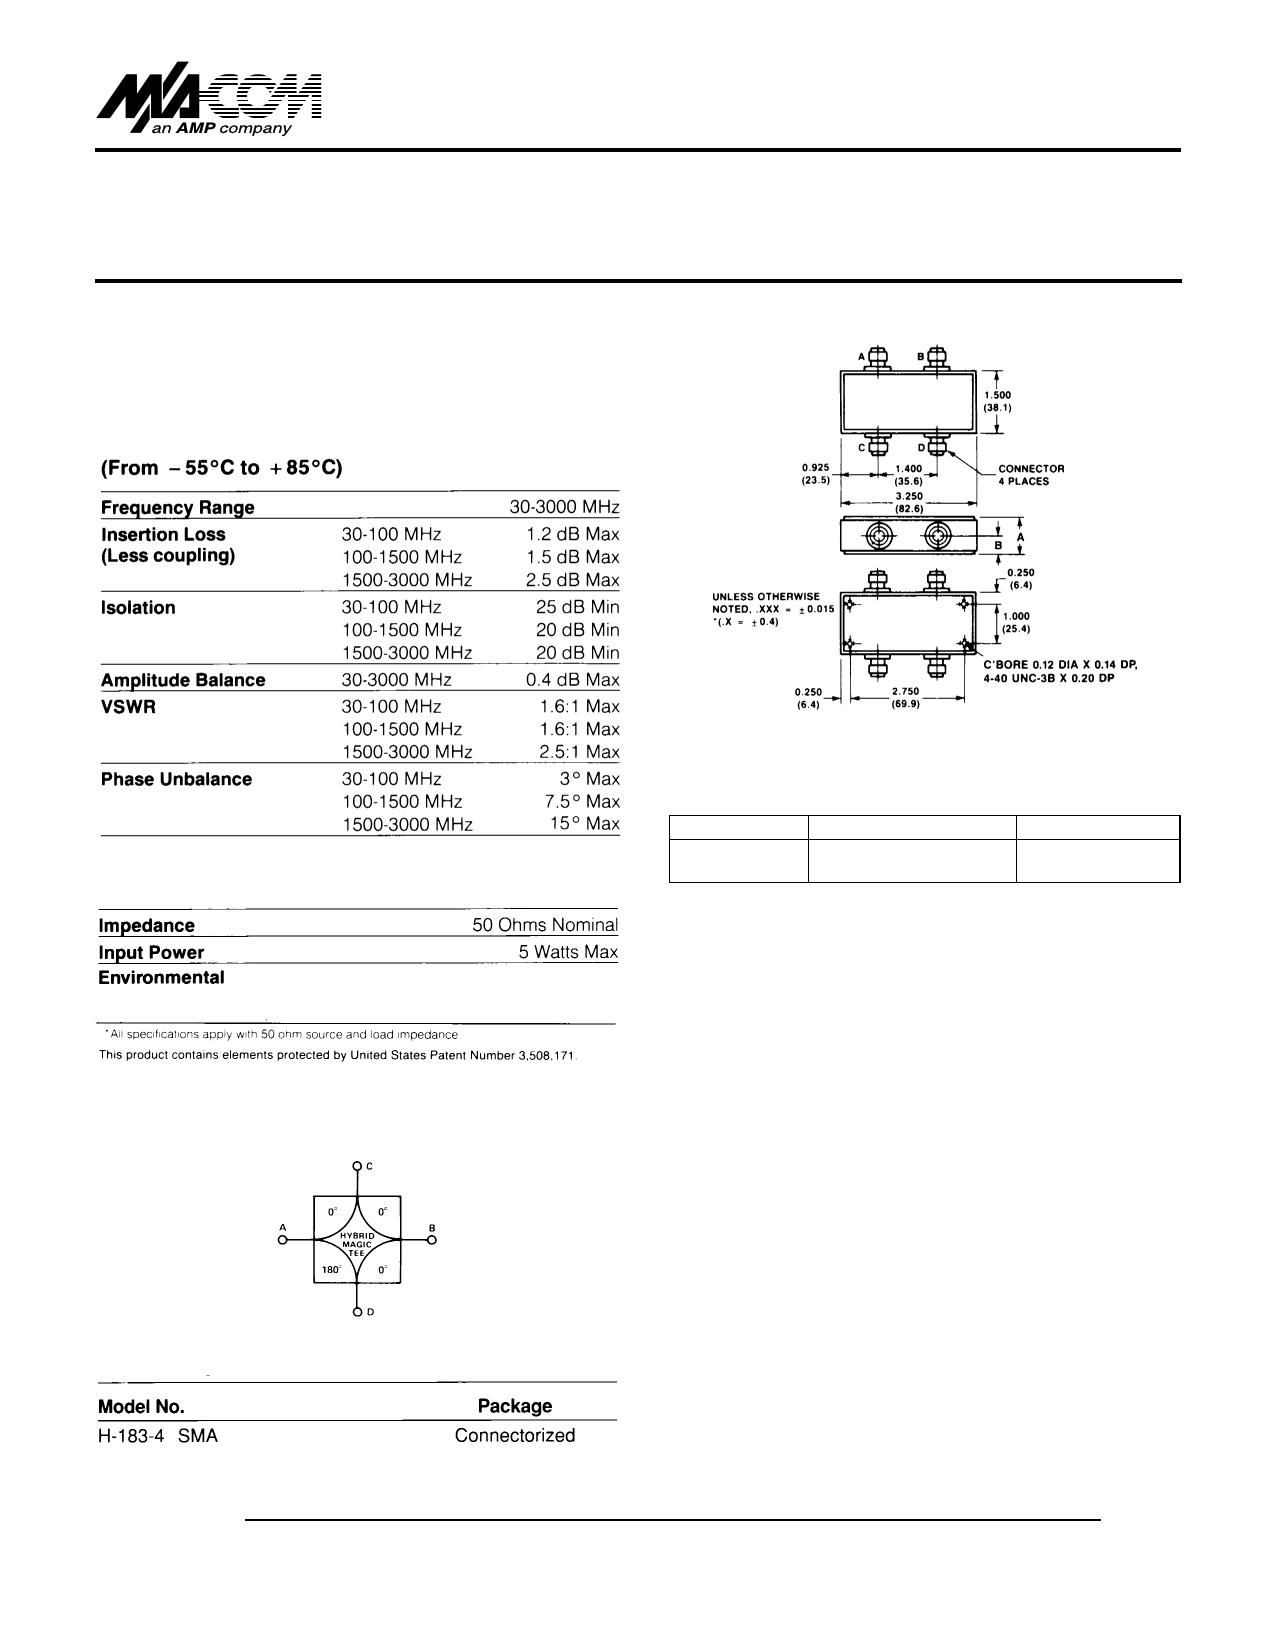 H-183-4 Даташит, Описание, Даташиты